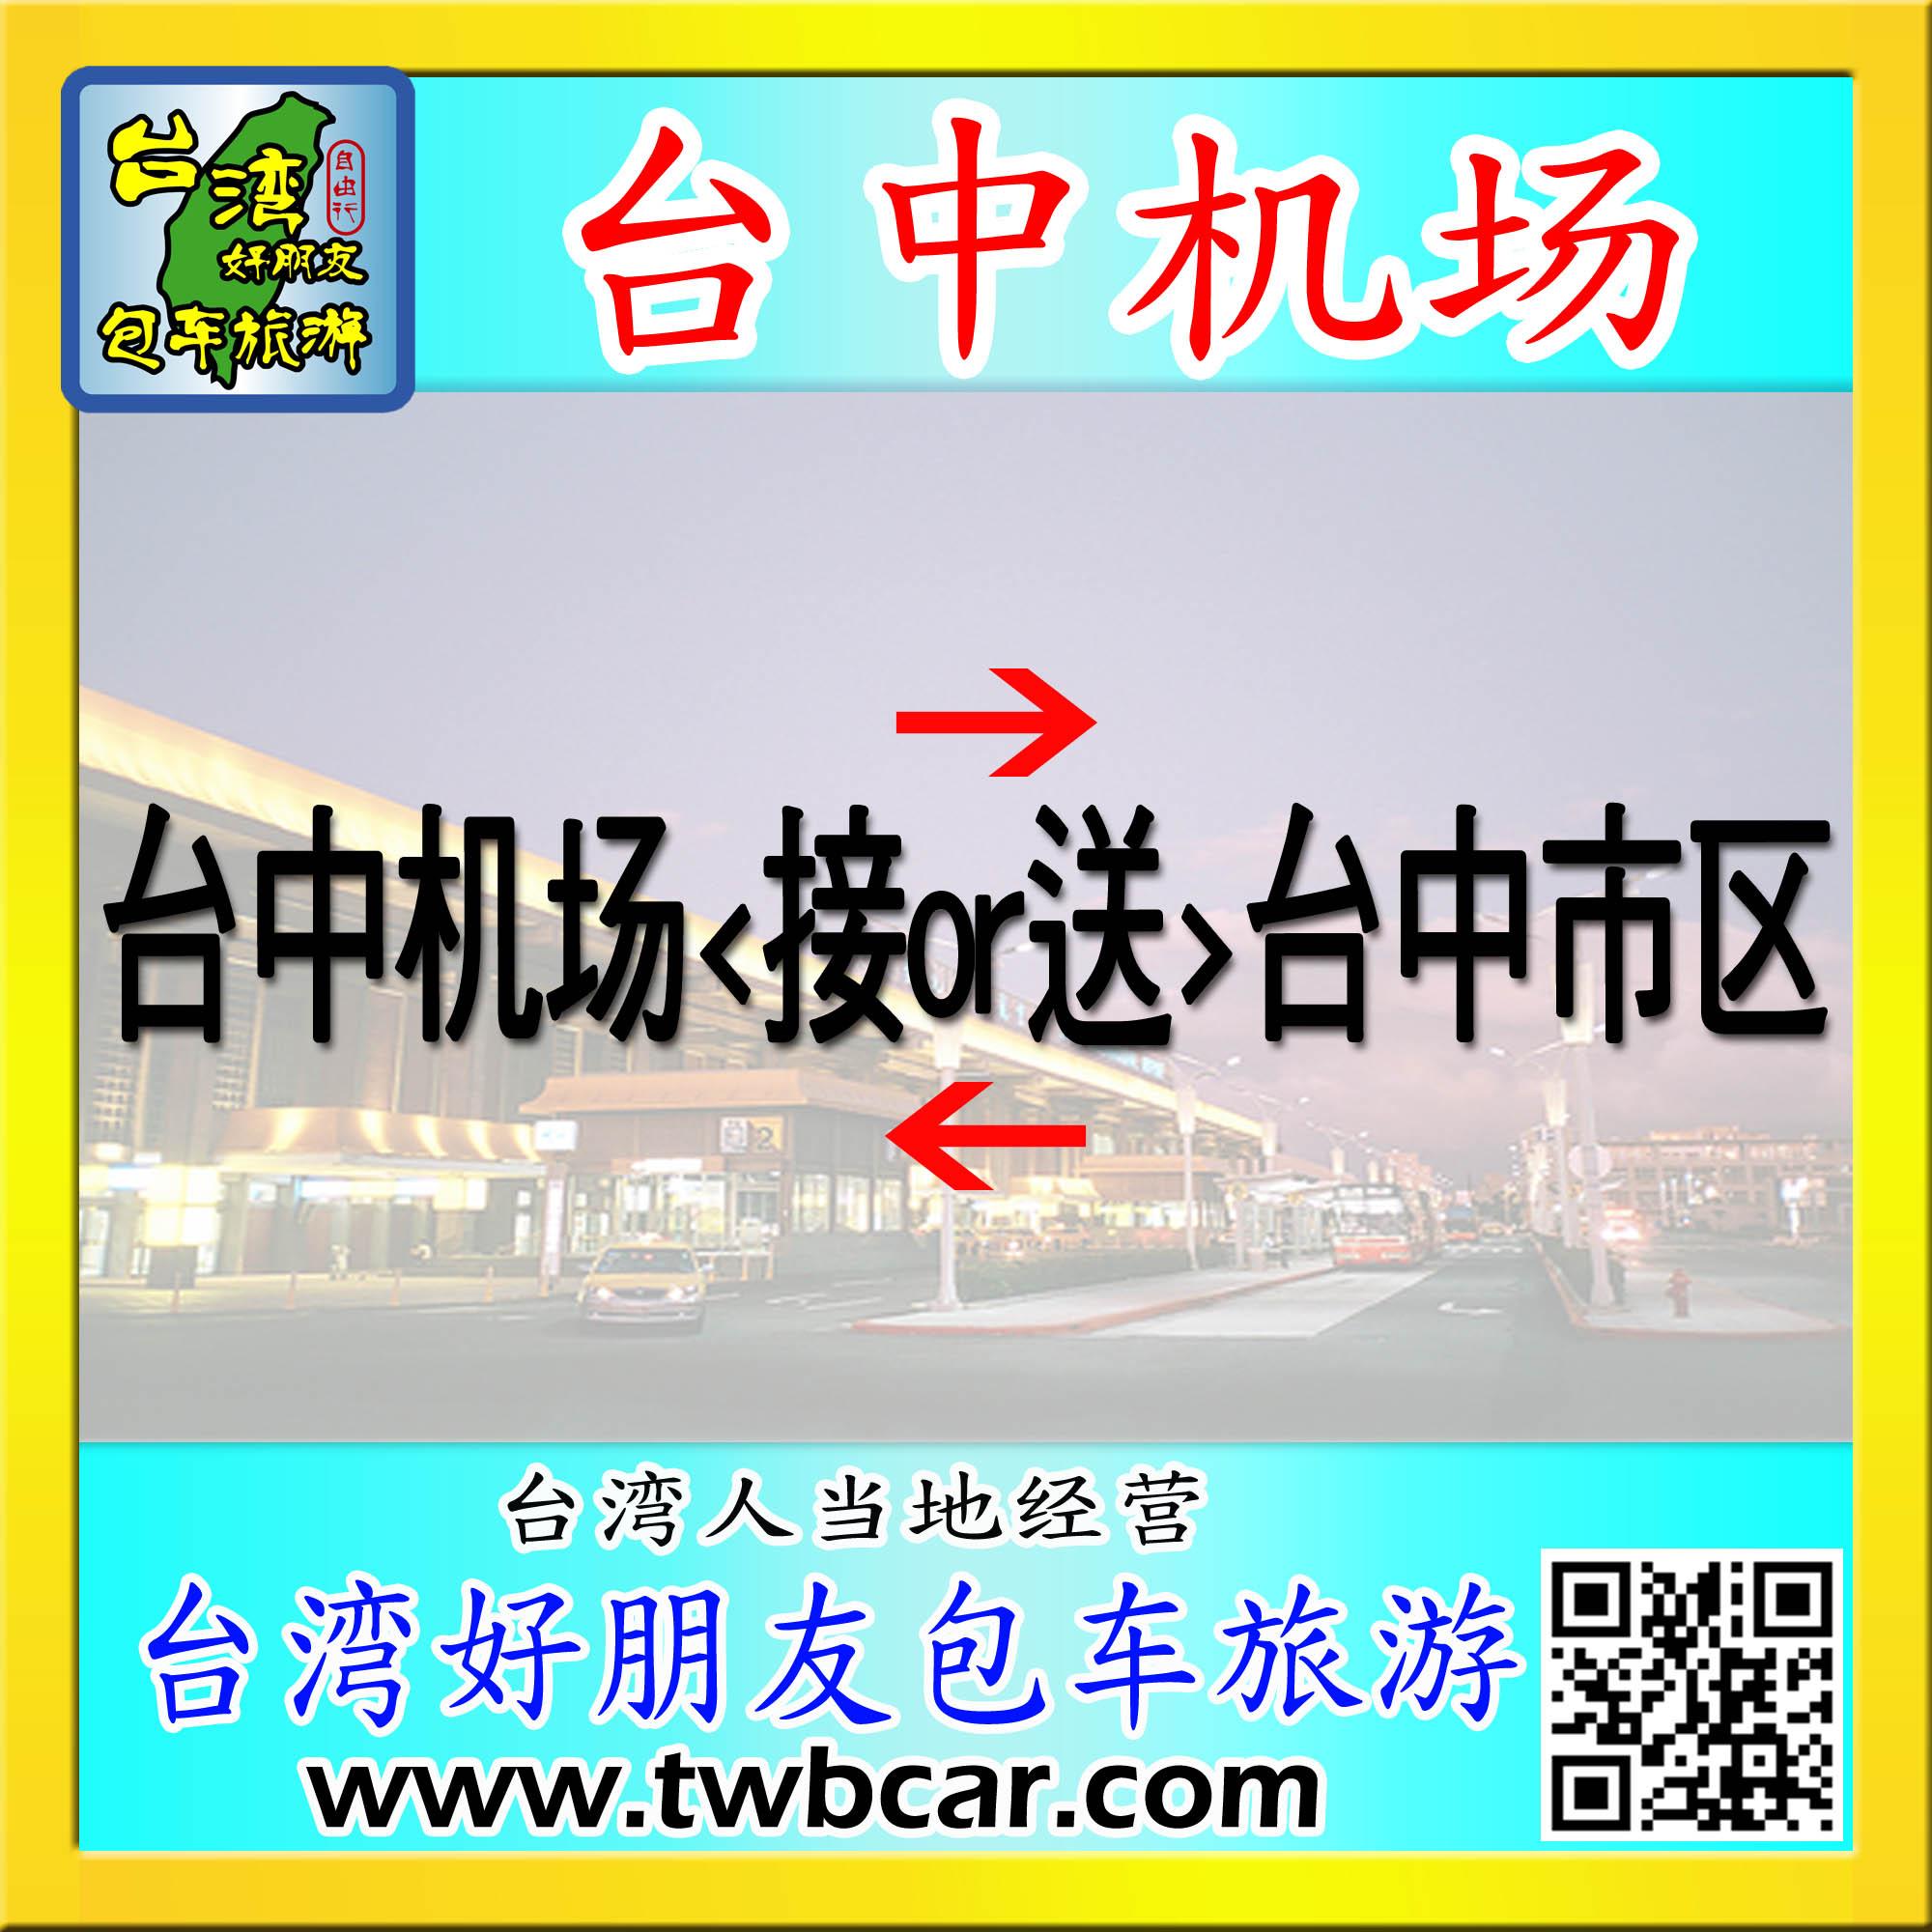 台中机场<接送机>台中市区